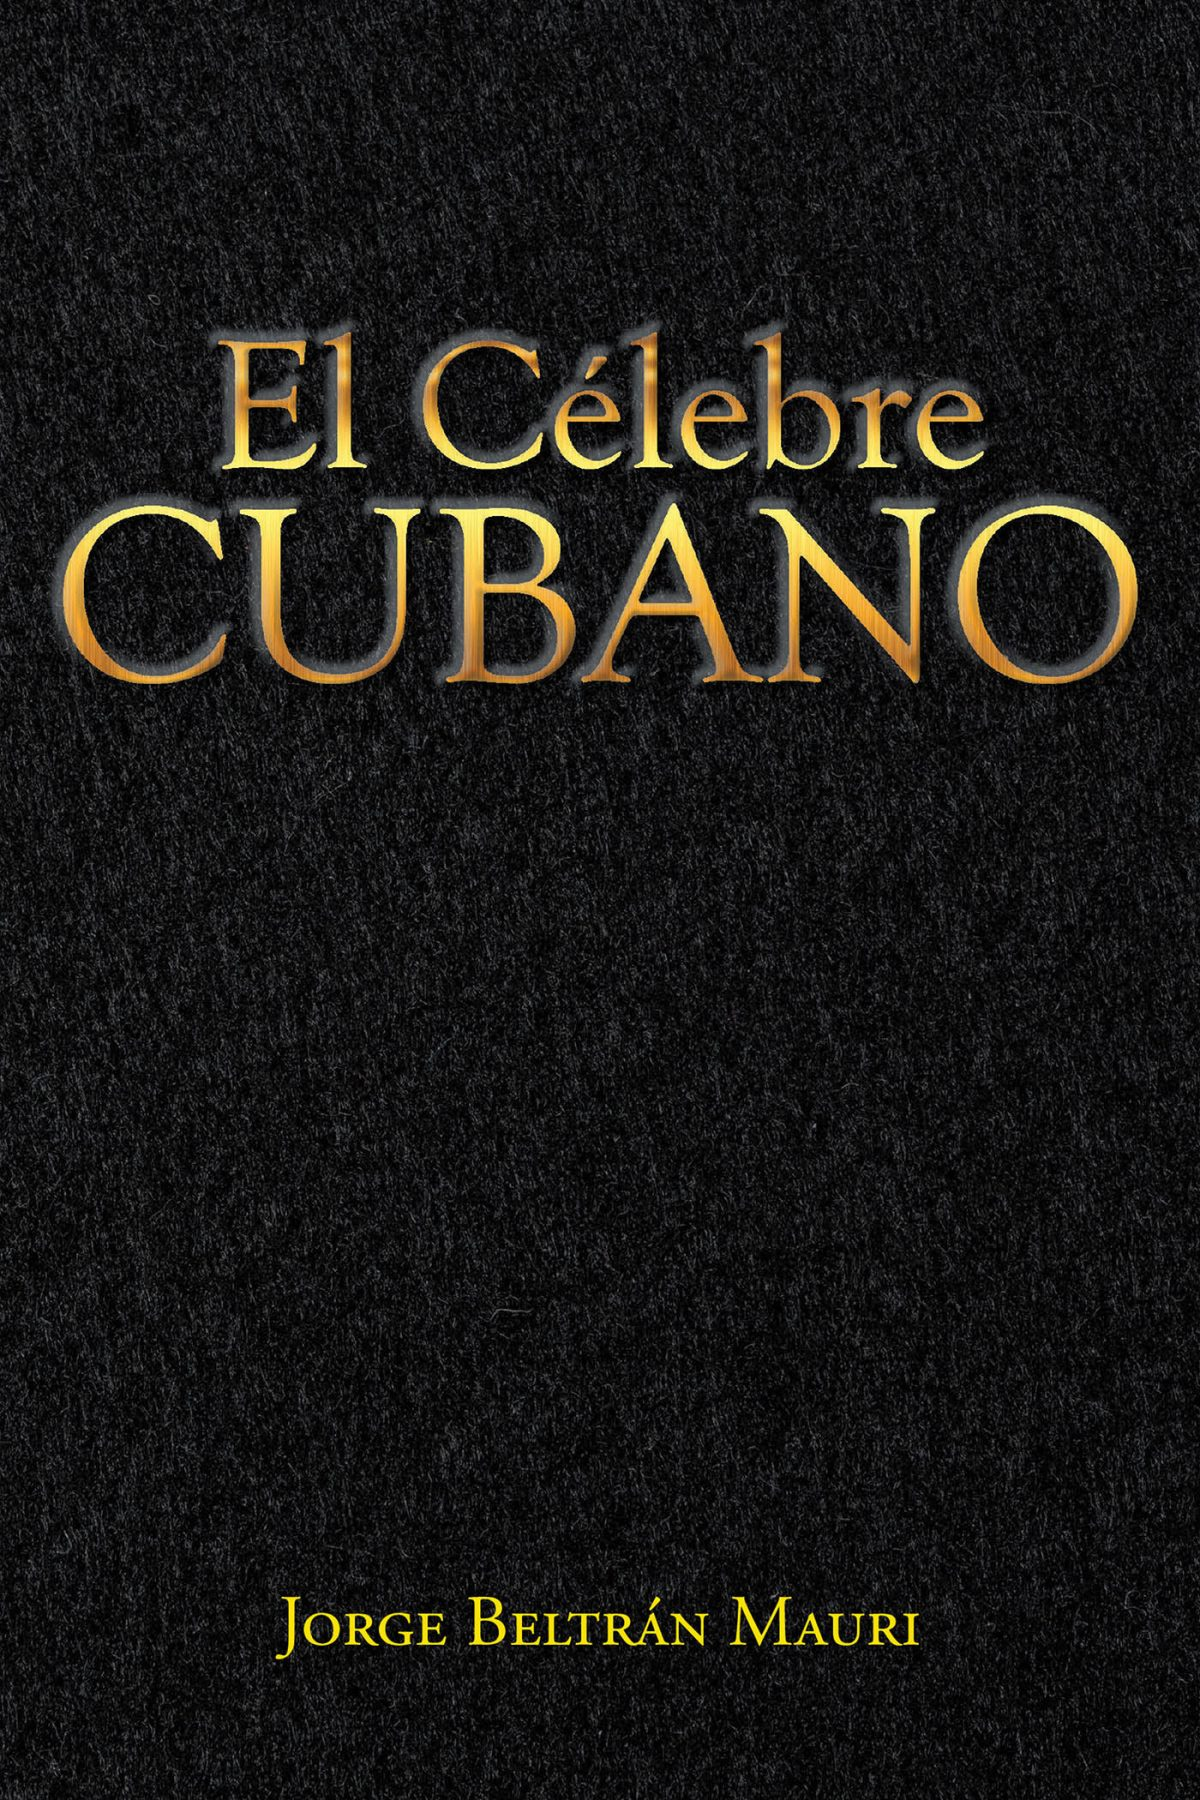 El Nuevo Libro De Jorge Beltrán Mauri, El Célebre Cubano, Una Gran Obra, Una Descripción Realista Y Directa De Una Cuba Que Muchos Desconocen